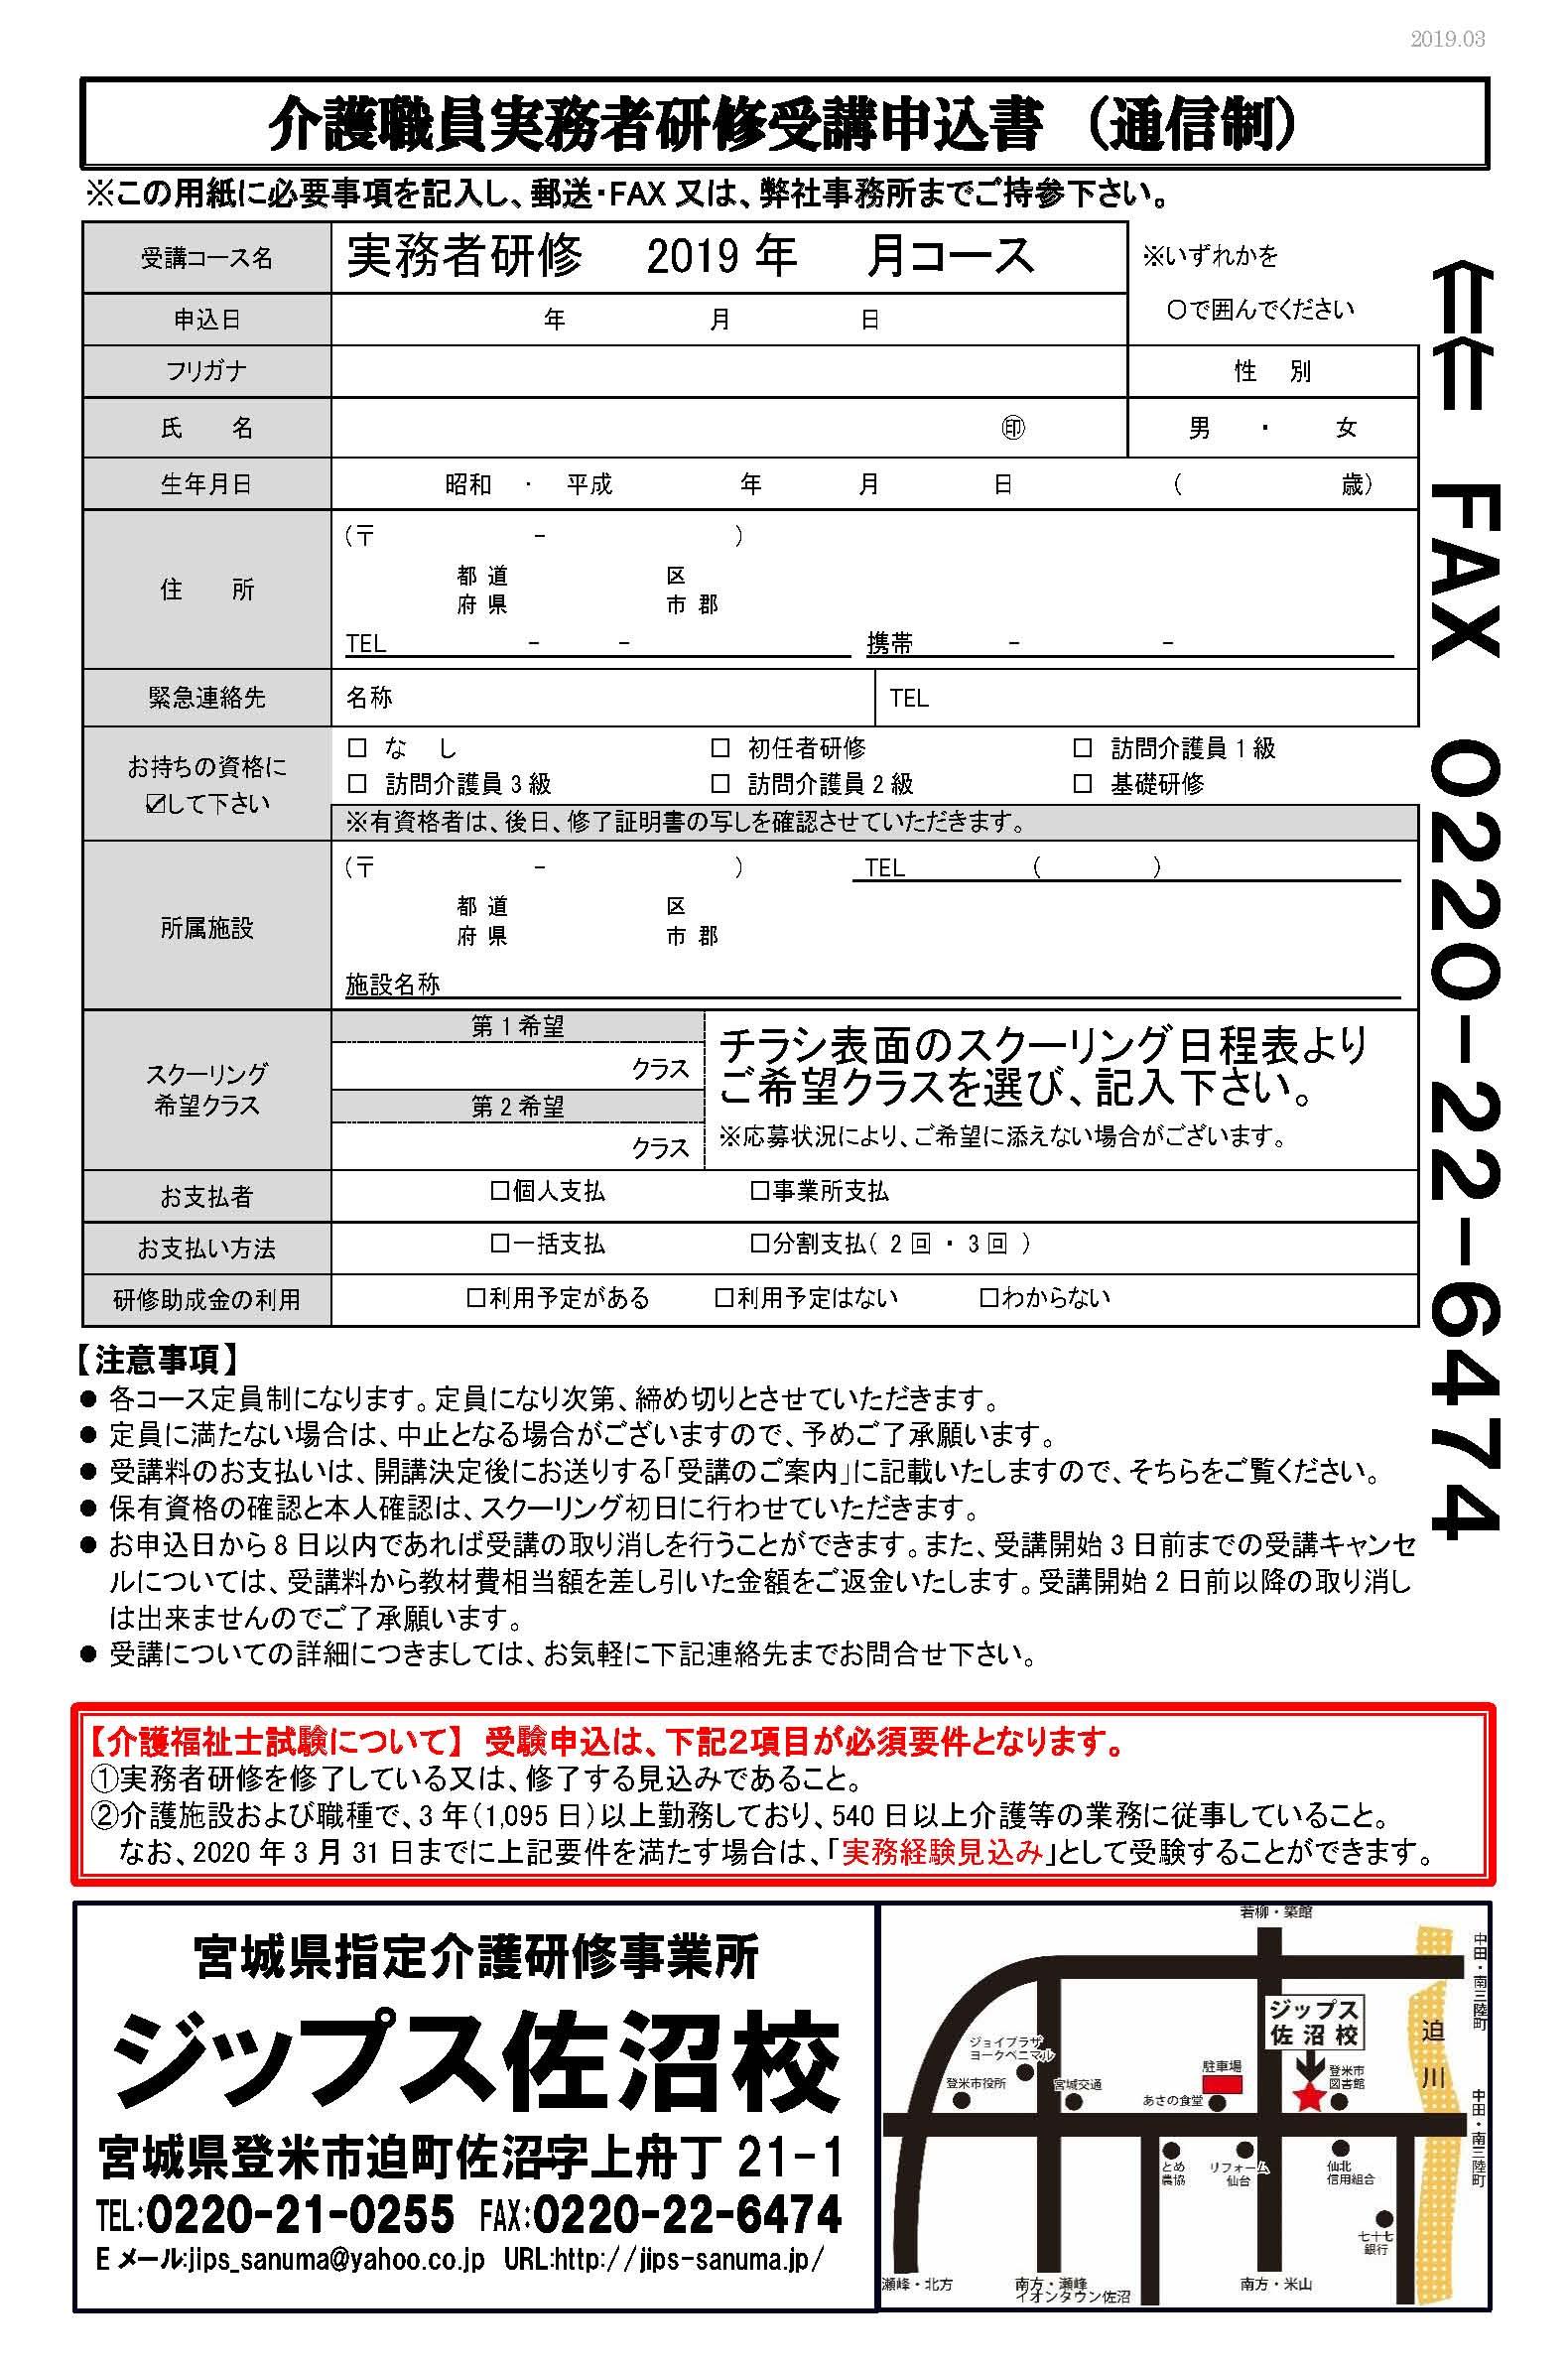 実務者総合チラシ2019年年間スケジュール版-2_ページ_2